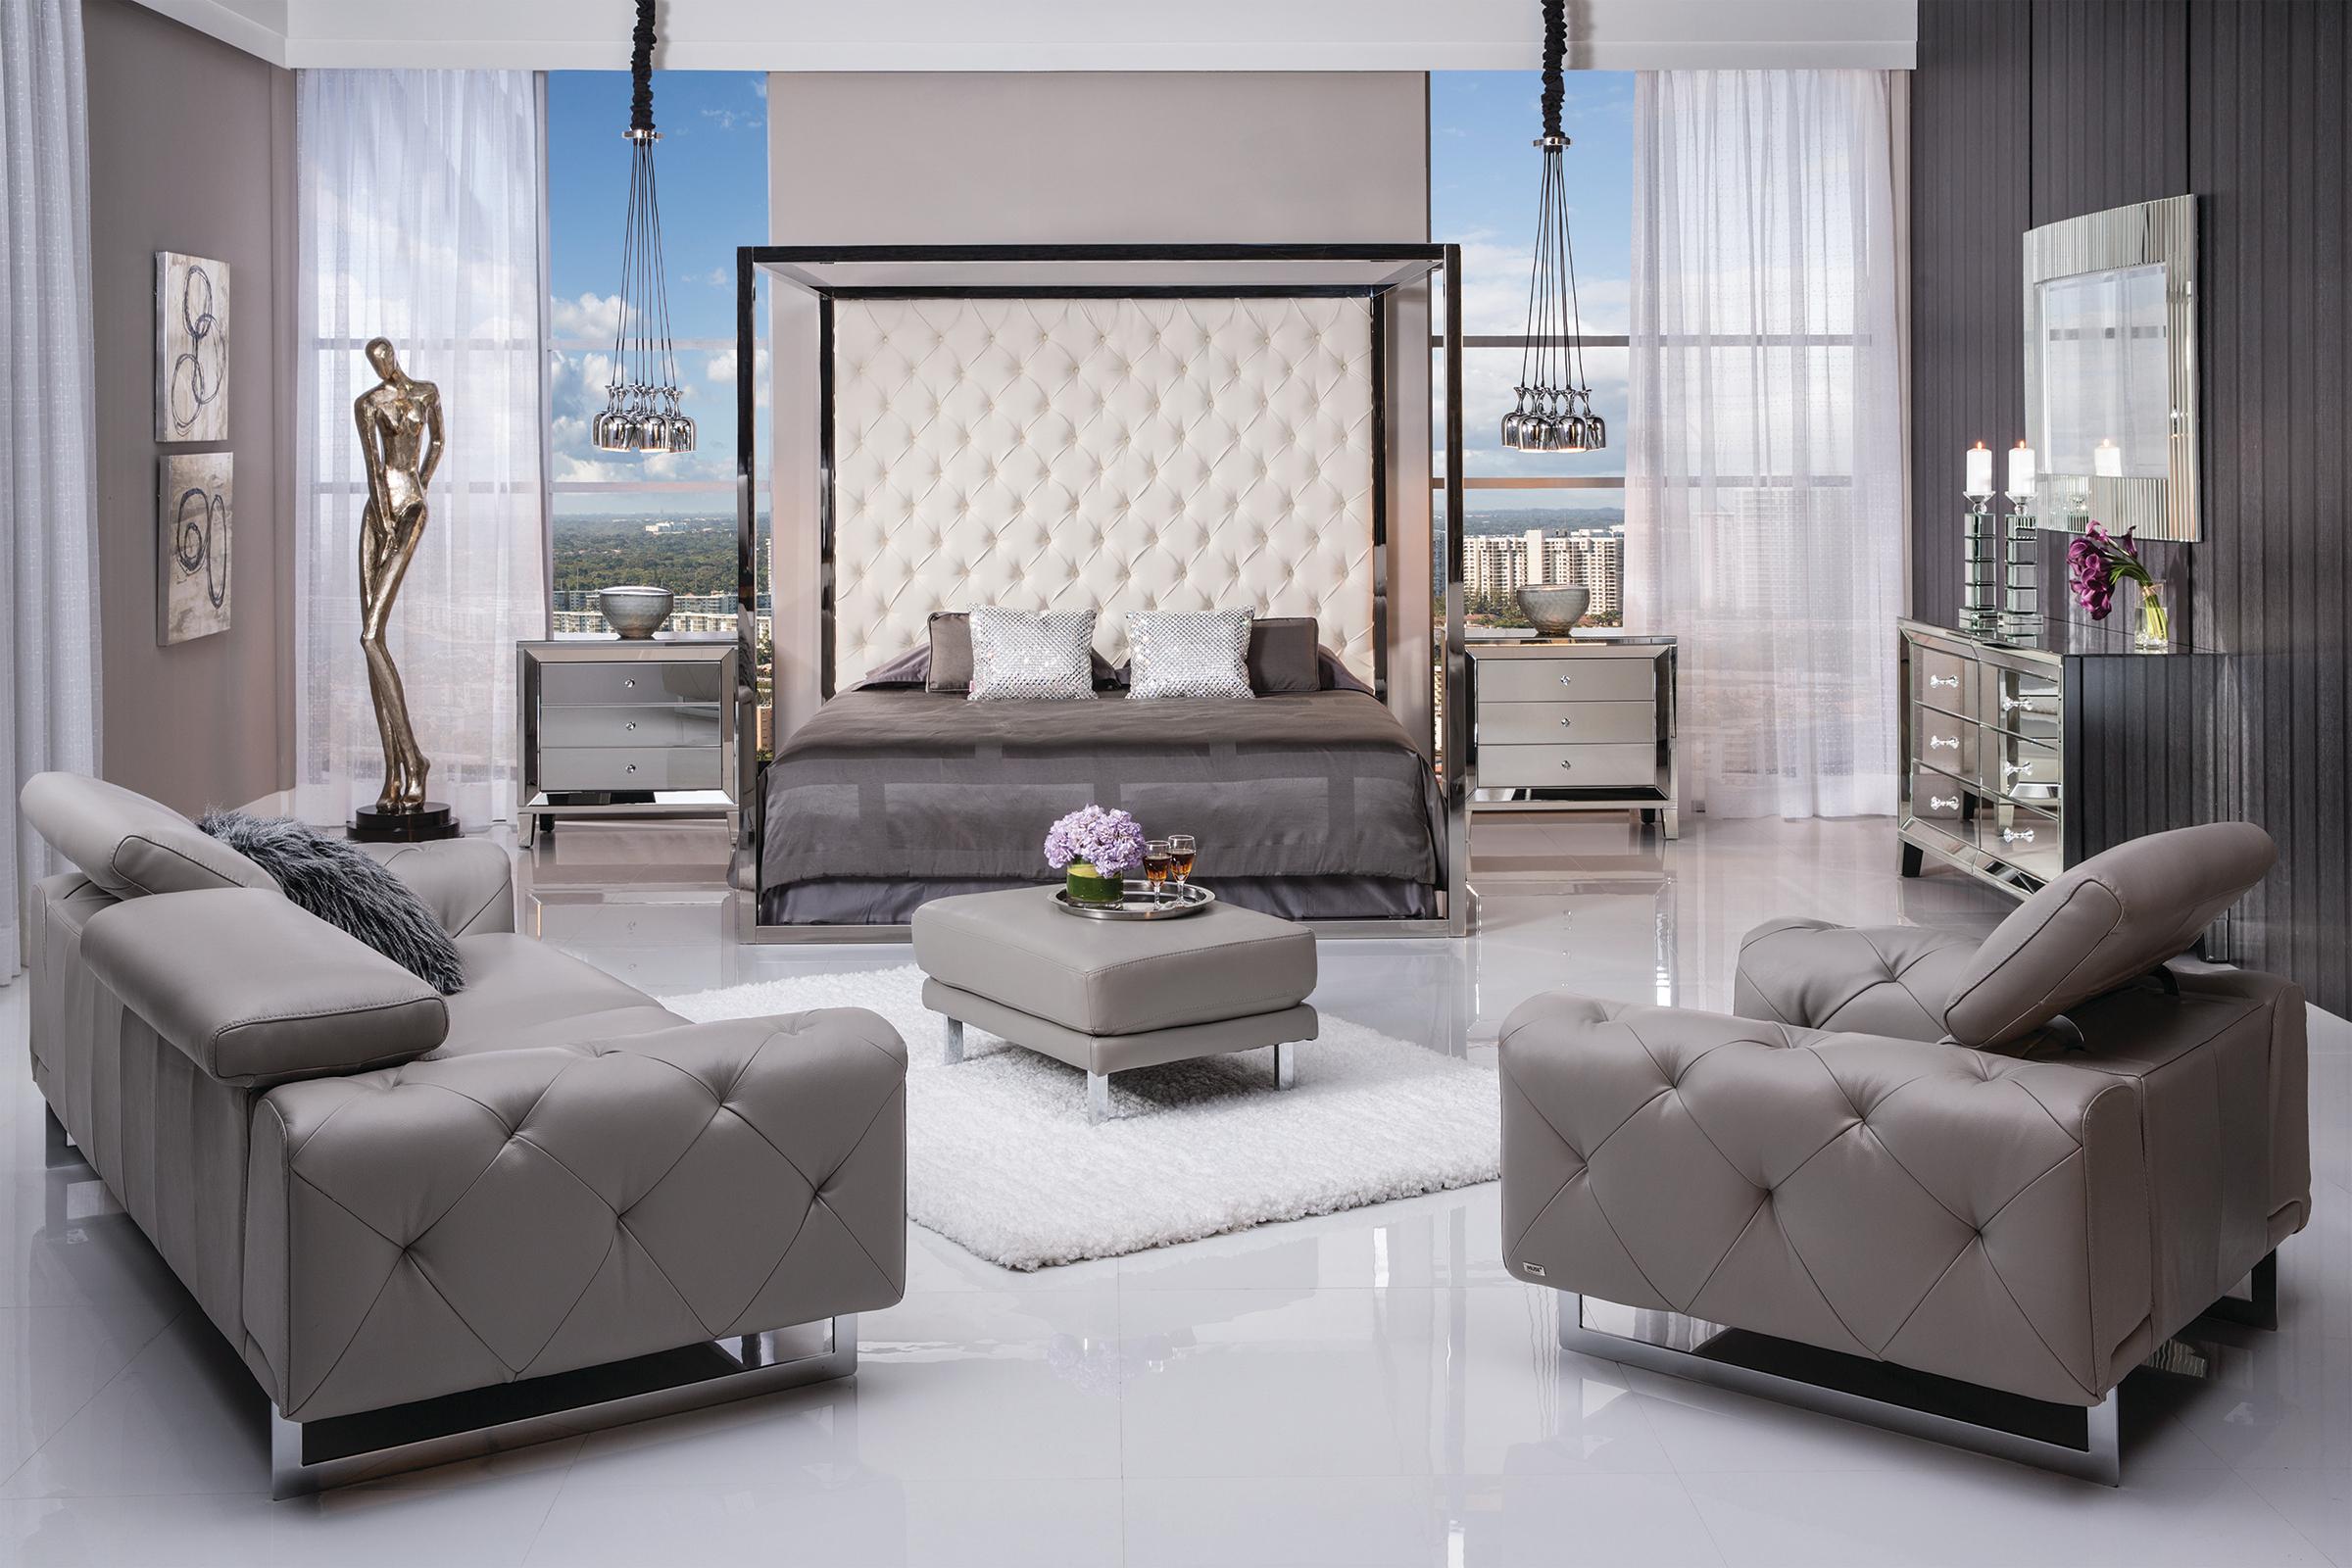 El Dorado Furniture Coconut Creek Boulevard 5855 Lyons Rd